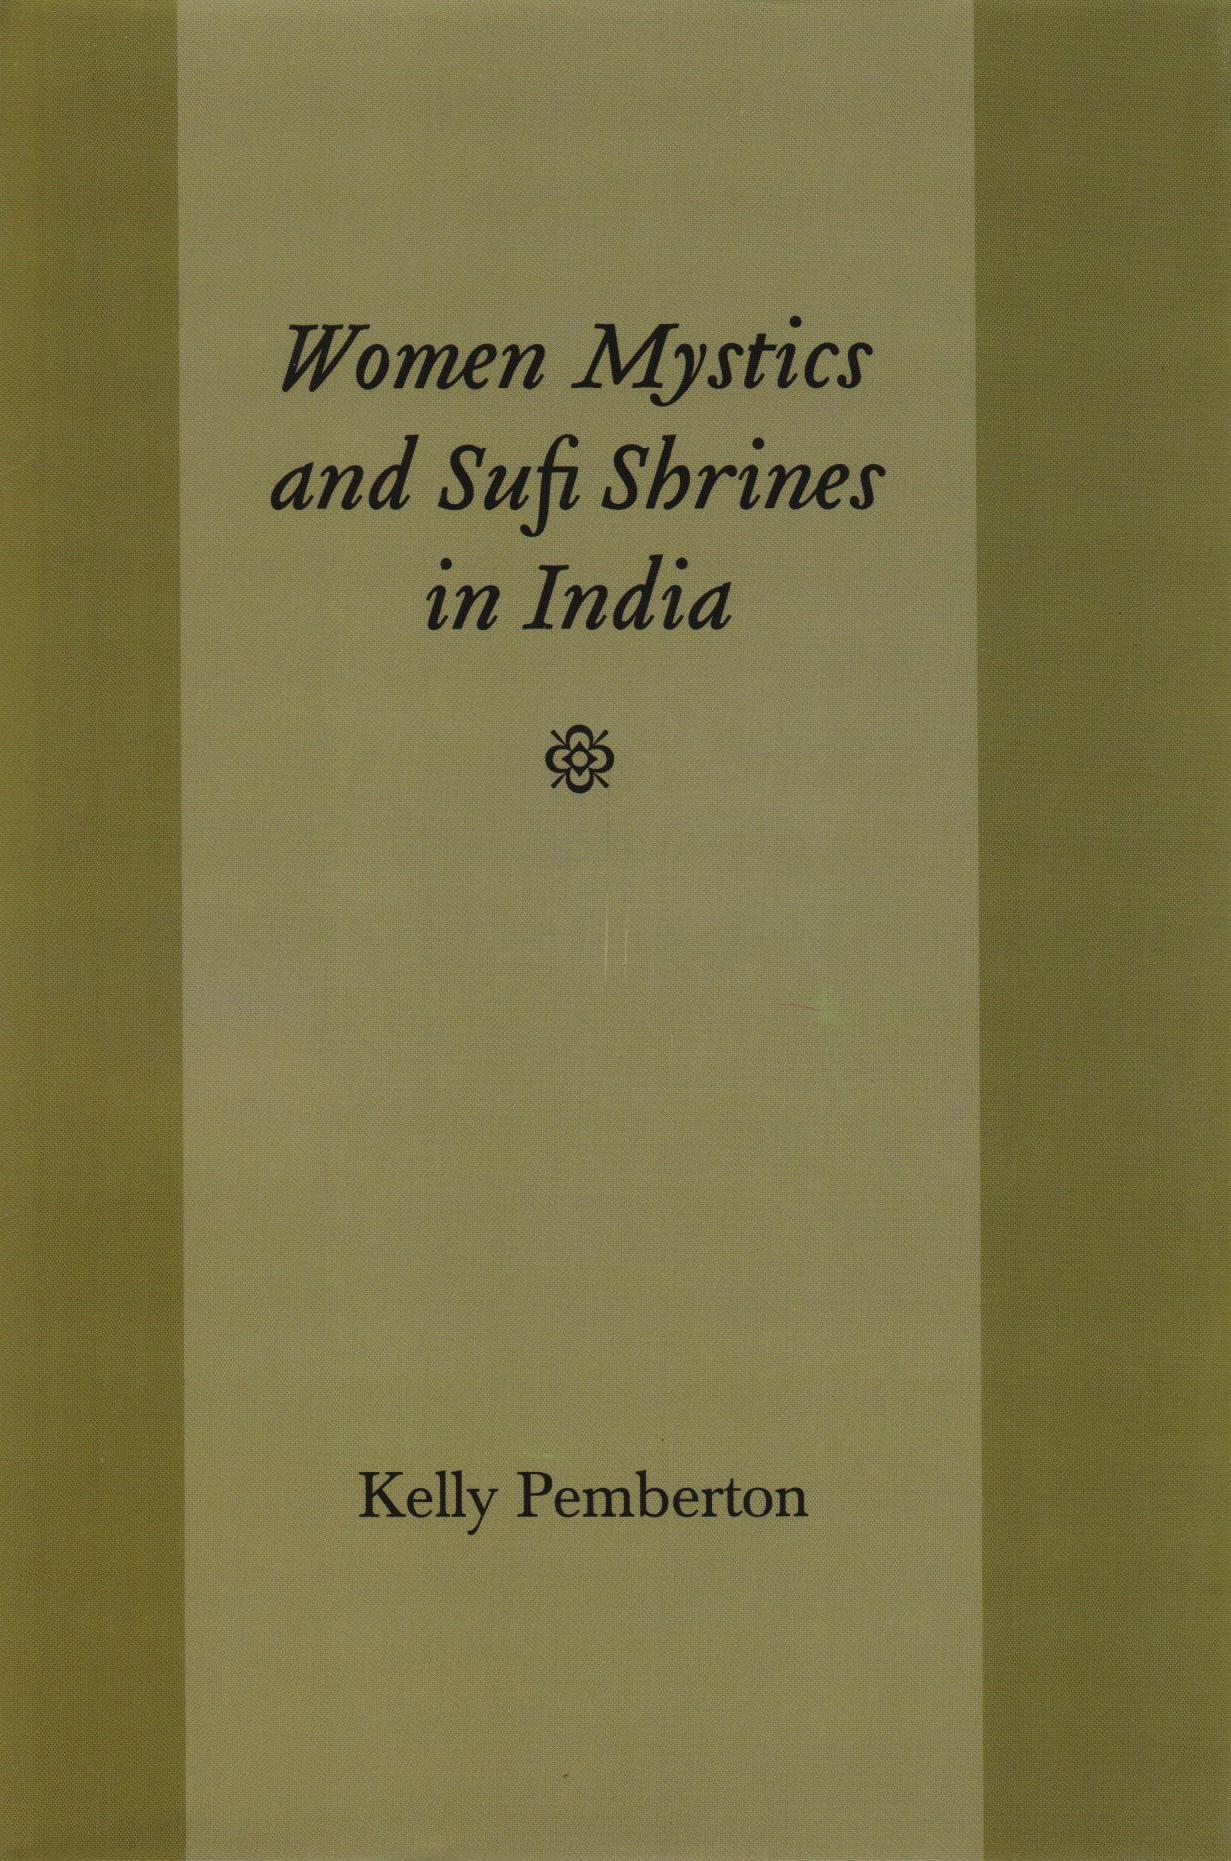 Women Mystics and Sufi Shrines in India